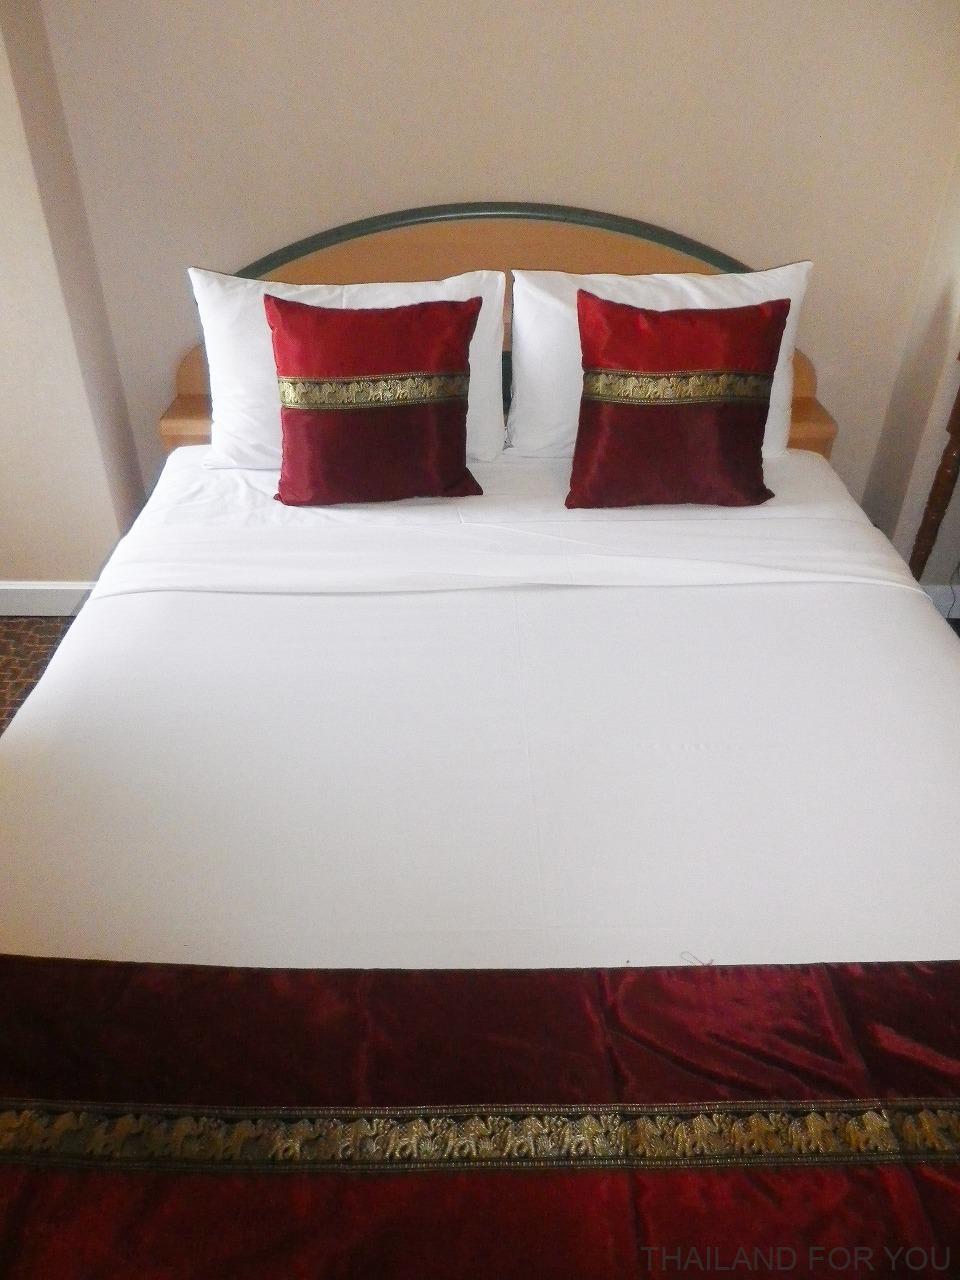 ナサベガスホテル バンコク タイ